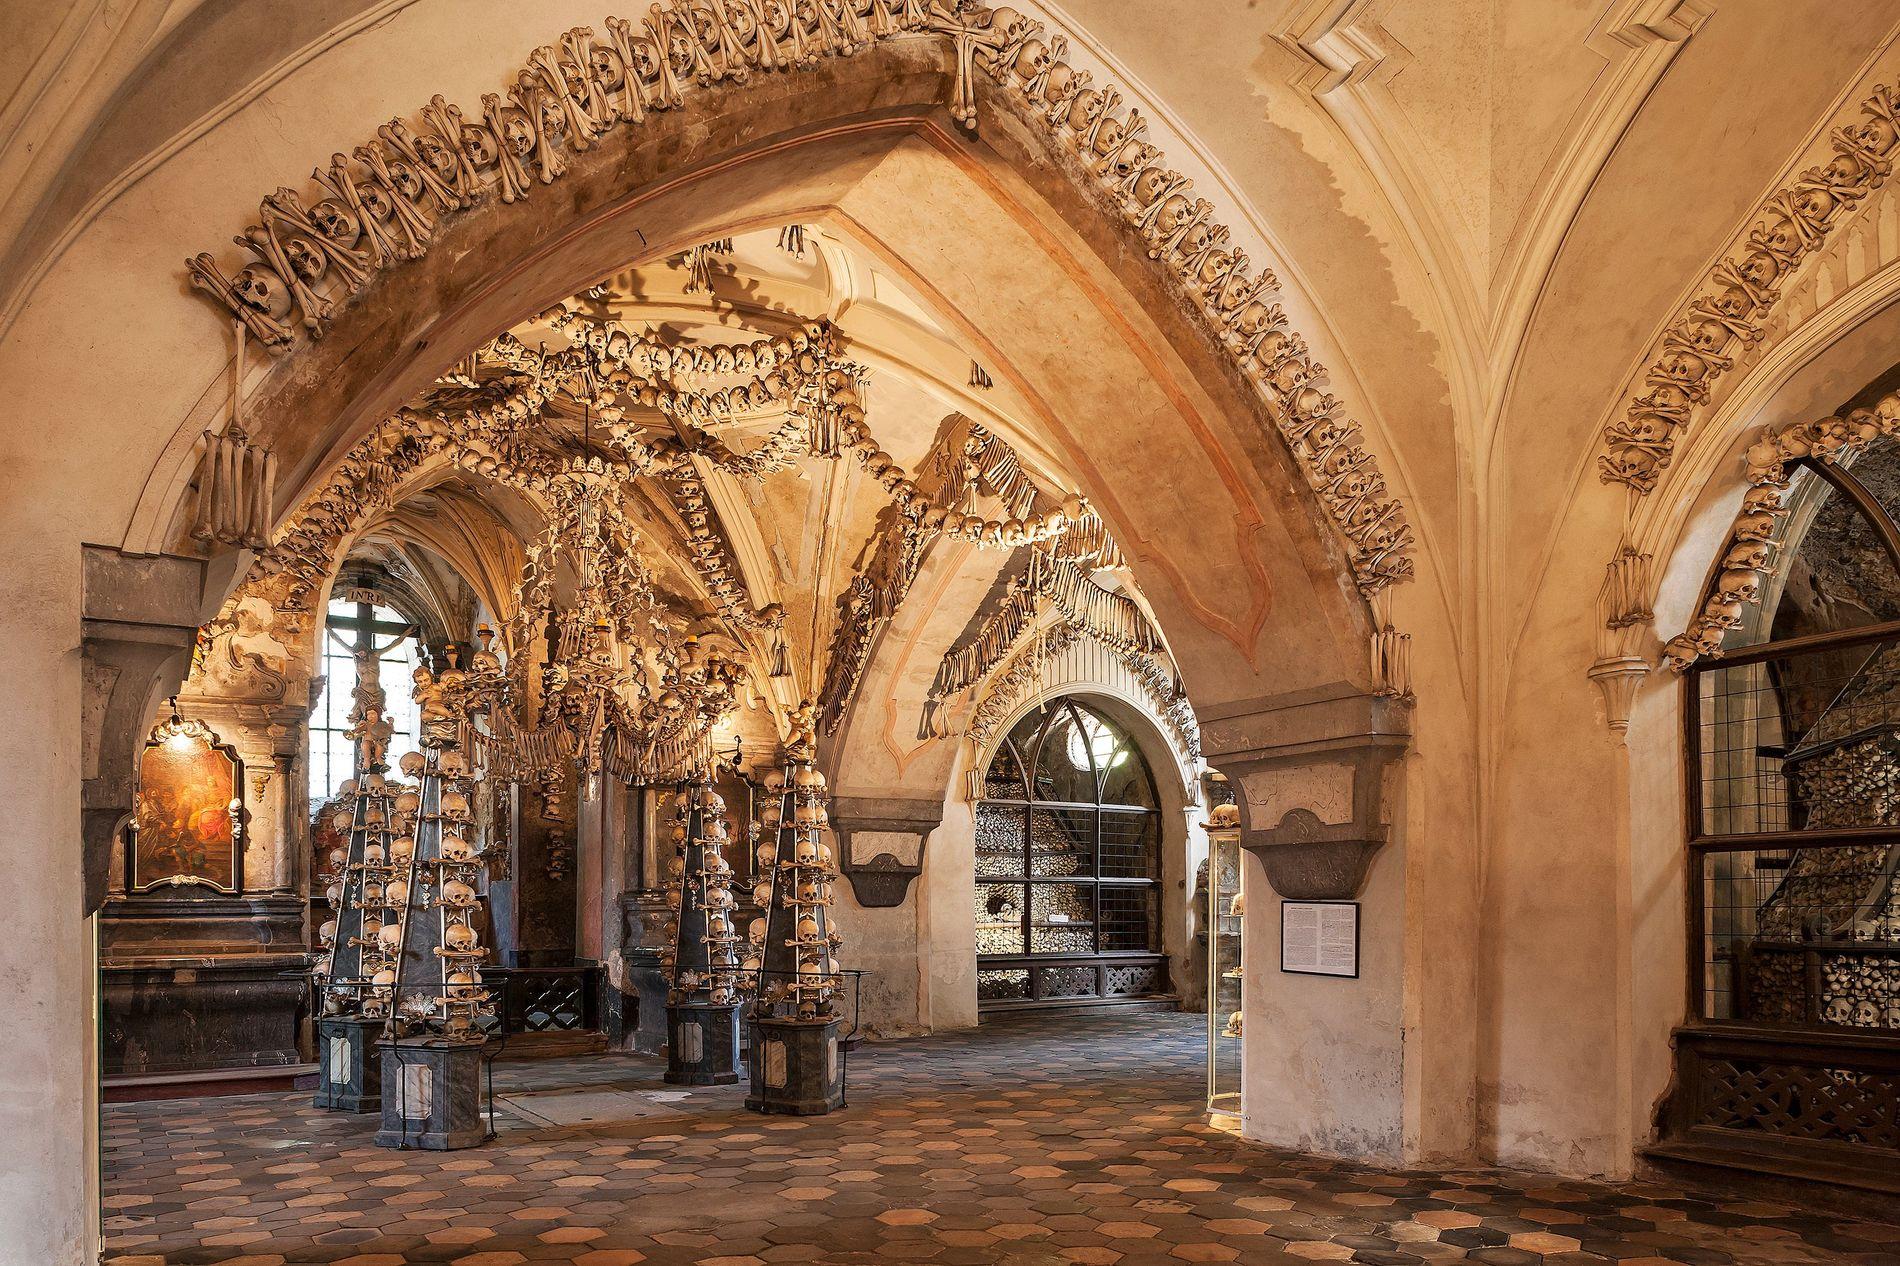 Das tragisch-schöne Sedletz-Ossarium ist über und über mit menschlichen Knochen geschmückt, die gebleicht und zerlegt wurden. ...